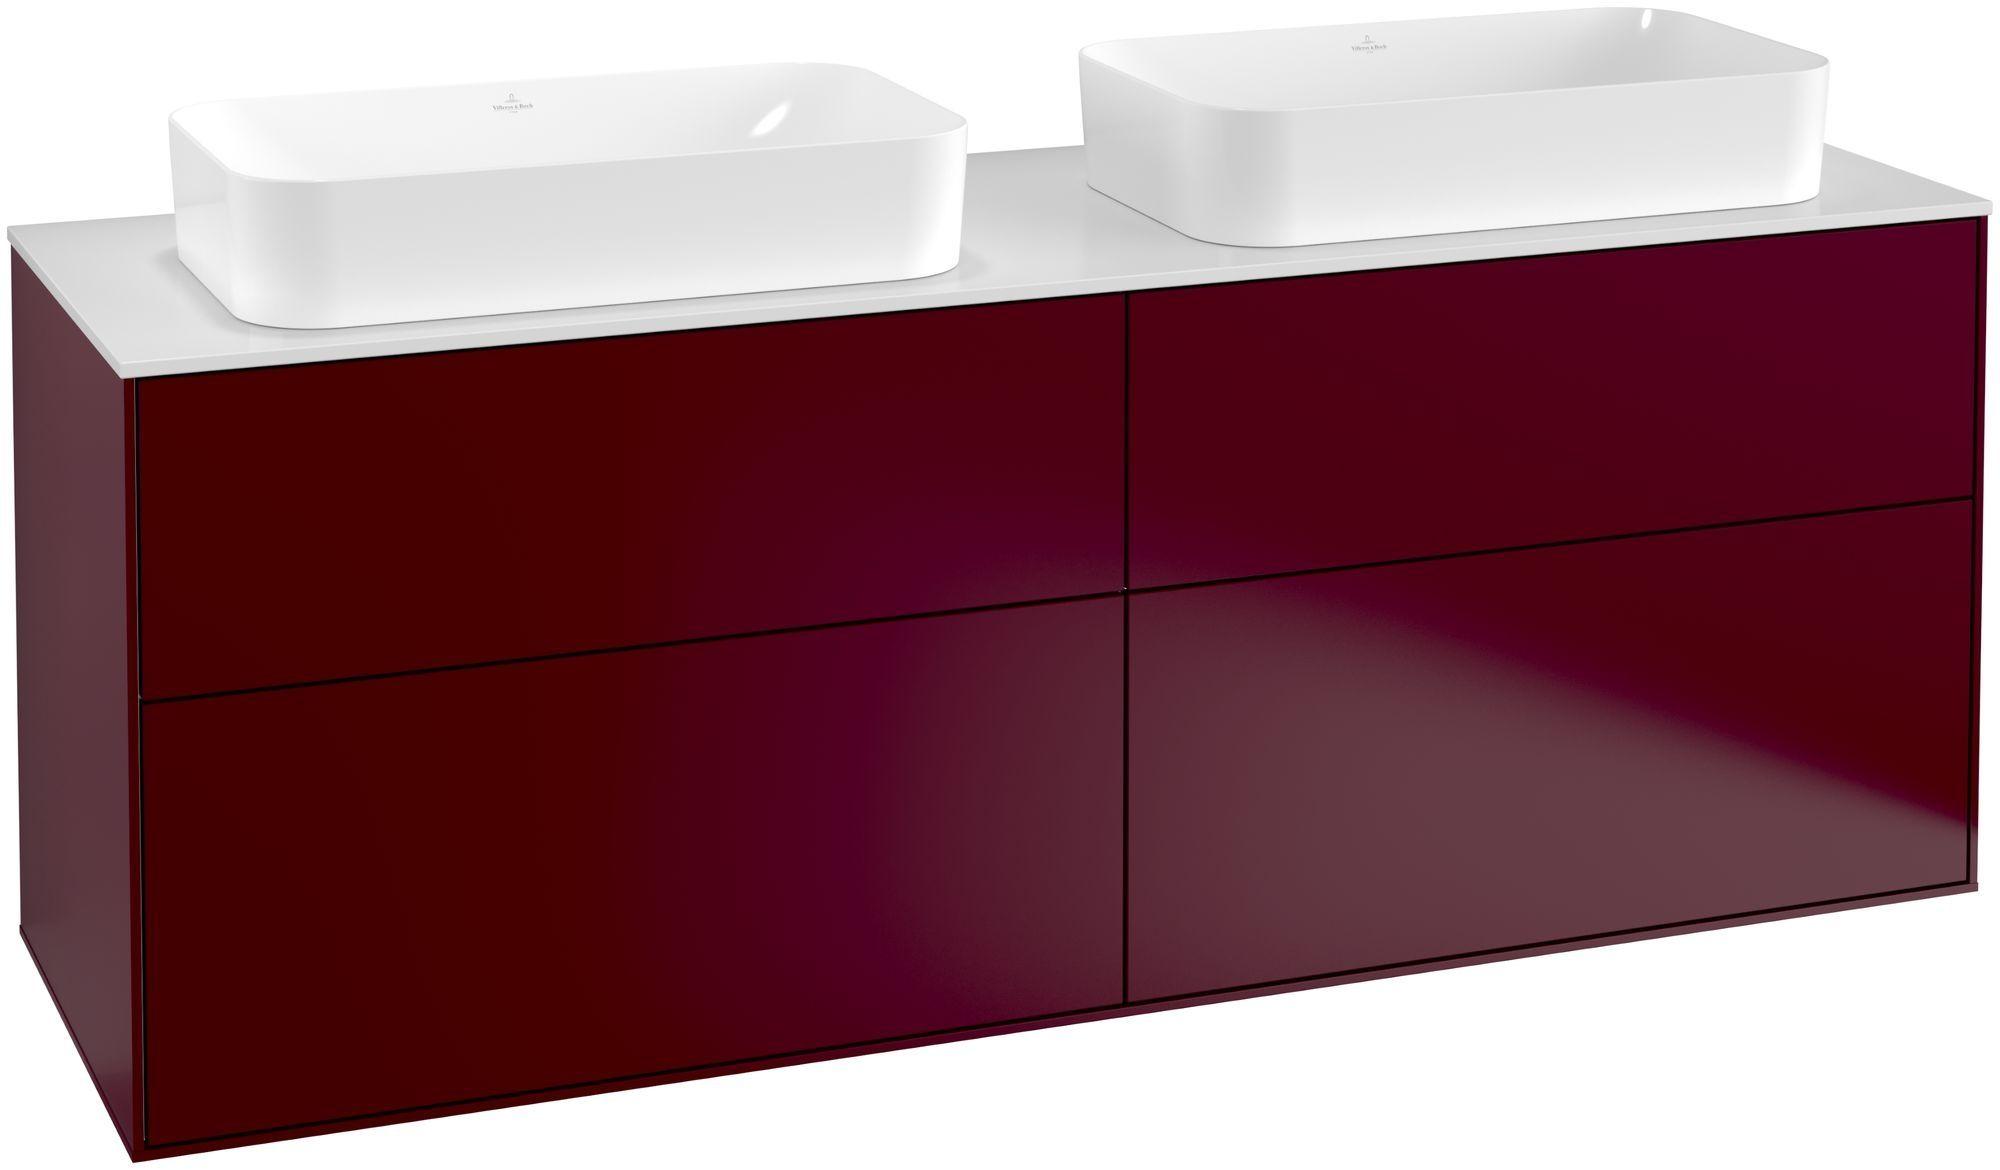 Villeroy & Boch Finion F31 Waschtischunterschrank 4 Auszüge B:160xH:60,3xT:50,1cm Front, Korpus: Peony, Glasplatte: White Matt F31100HB